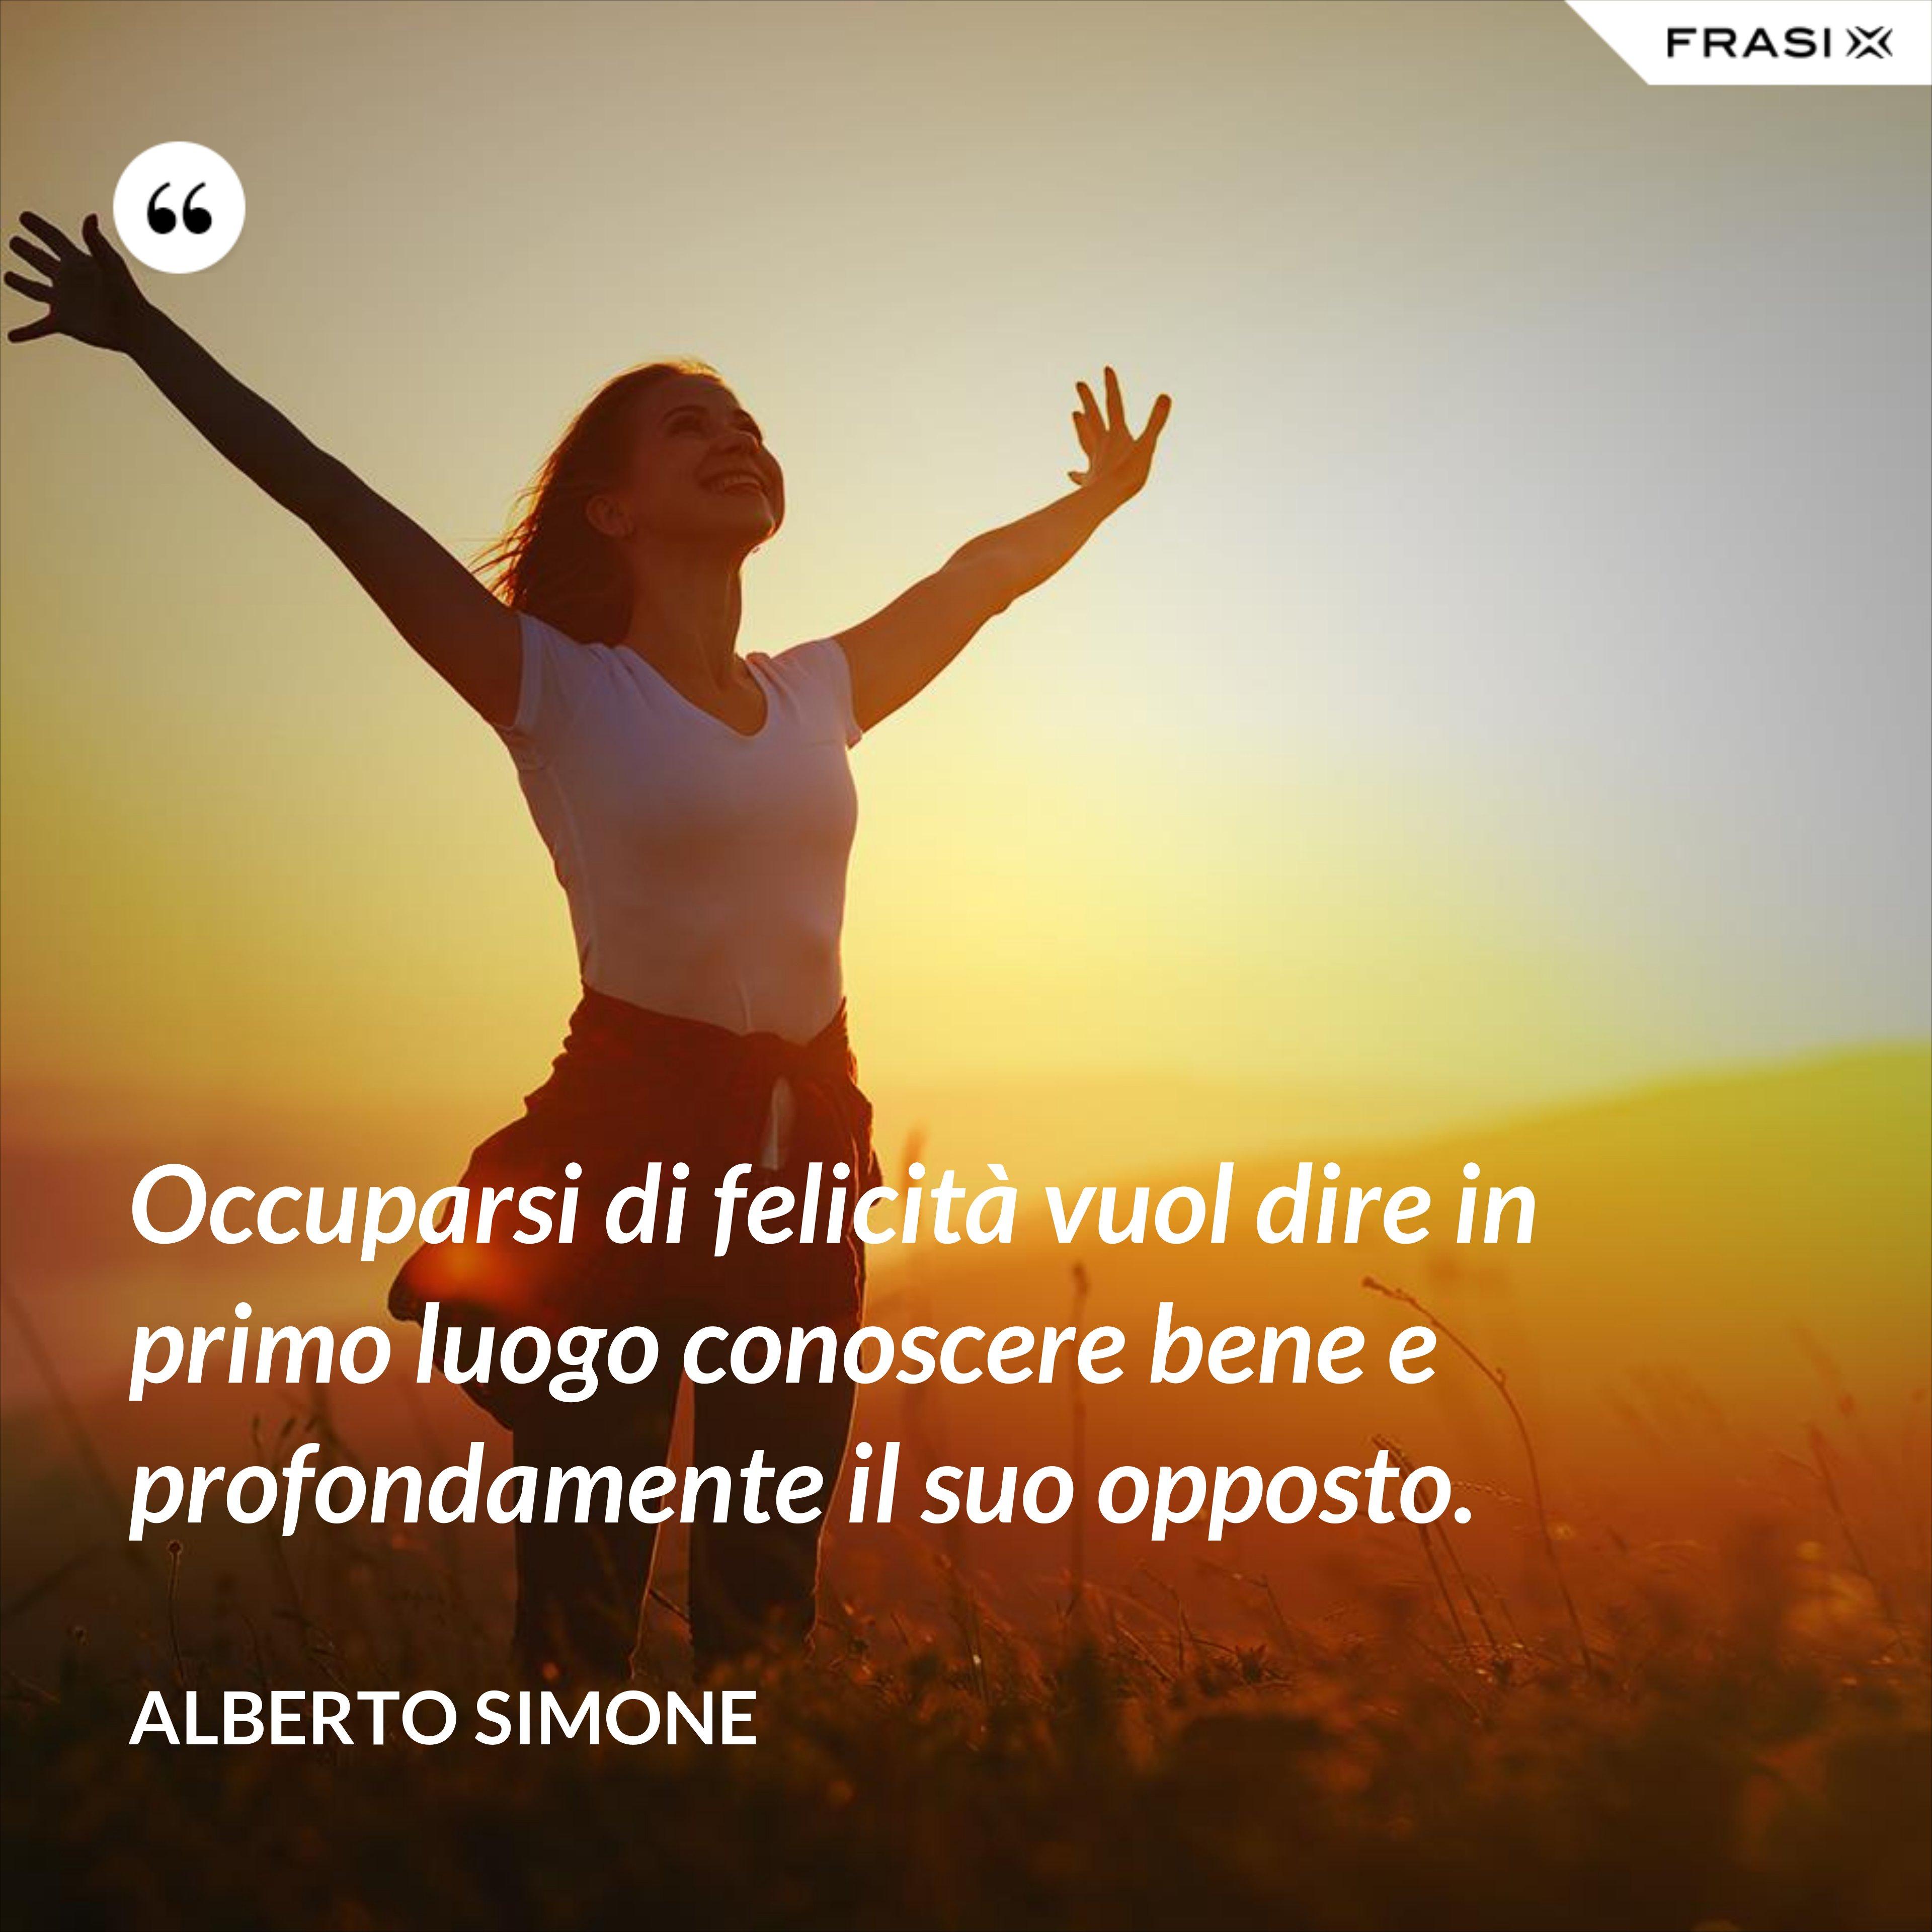 Occuparsi di felicità vuol dire in primo luogo conoscere bene e profondamente il suo opposto. - Alberto Simone